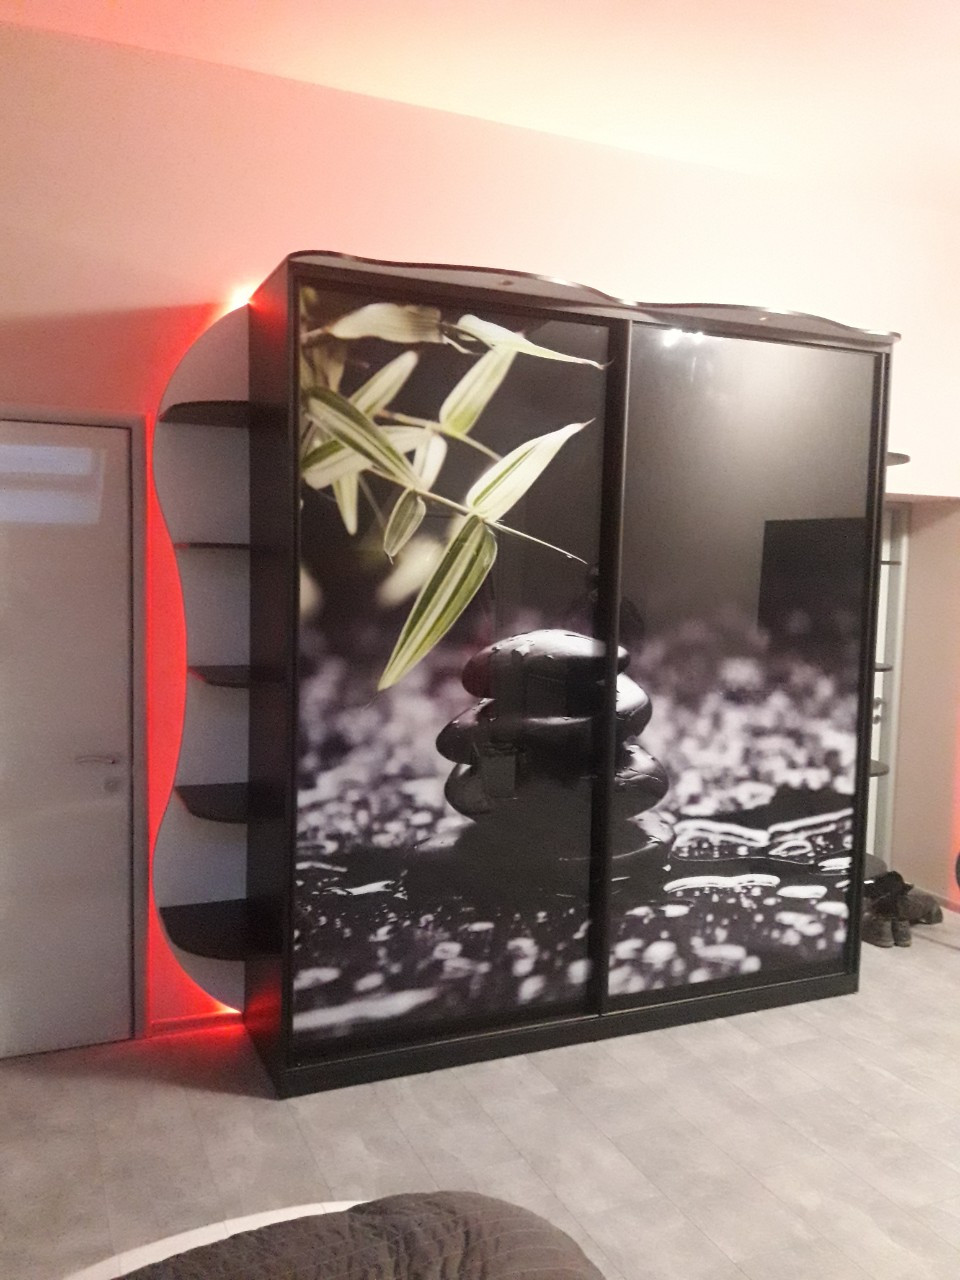 Шкаф с подсветкой по периметру и фотопечатью. Шкафы-купе на заказ Днепр.